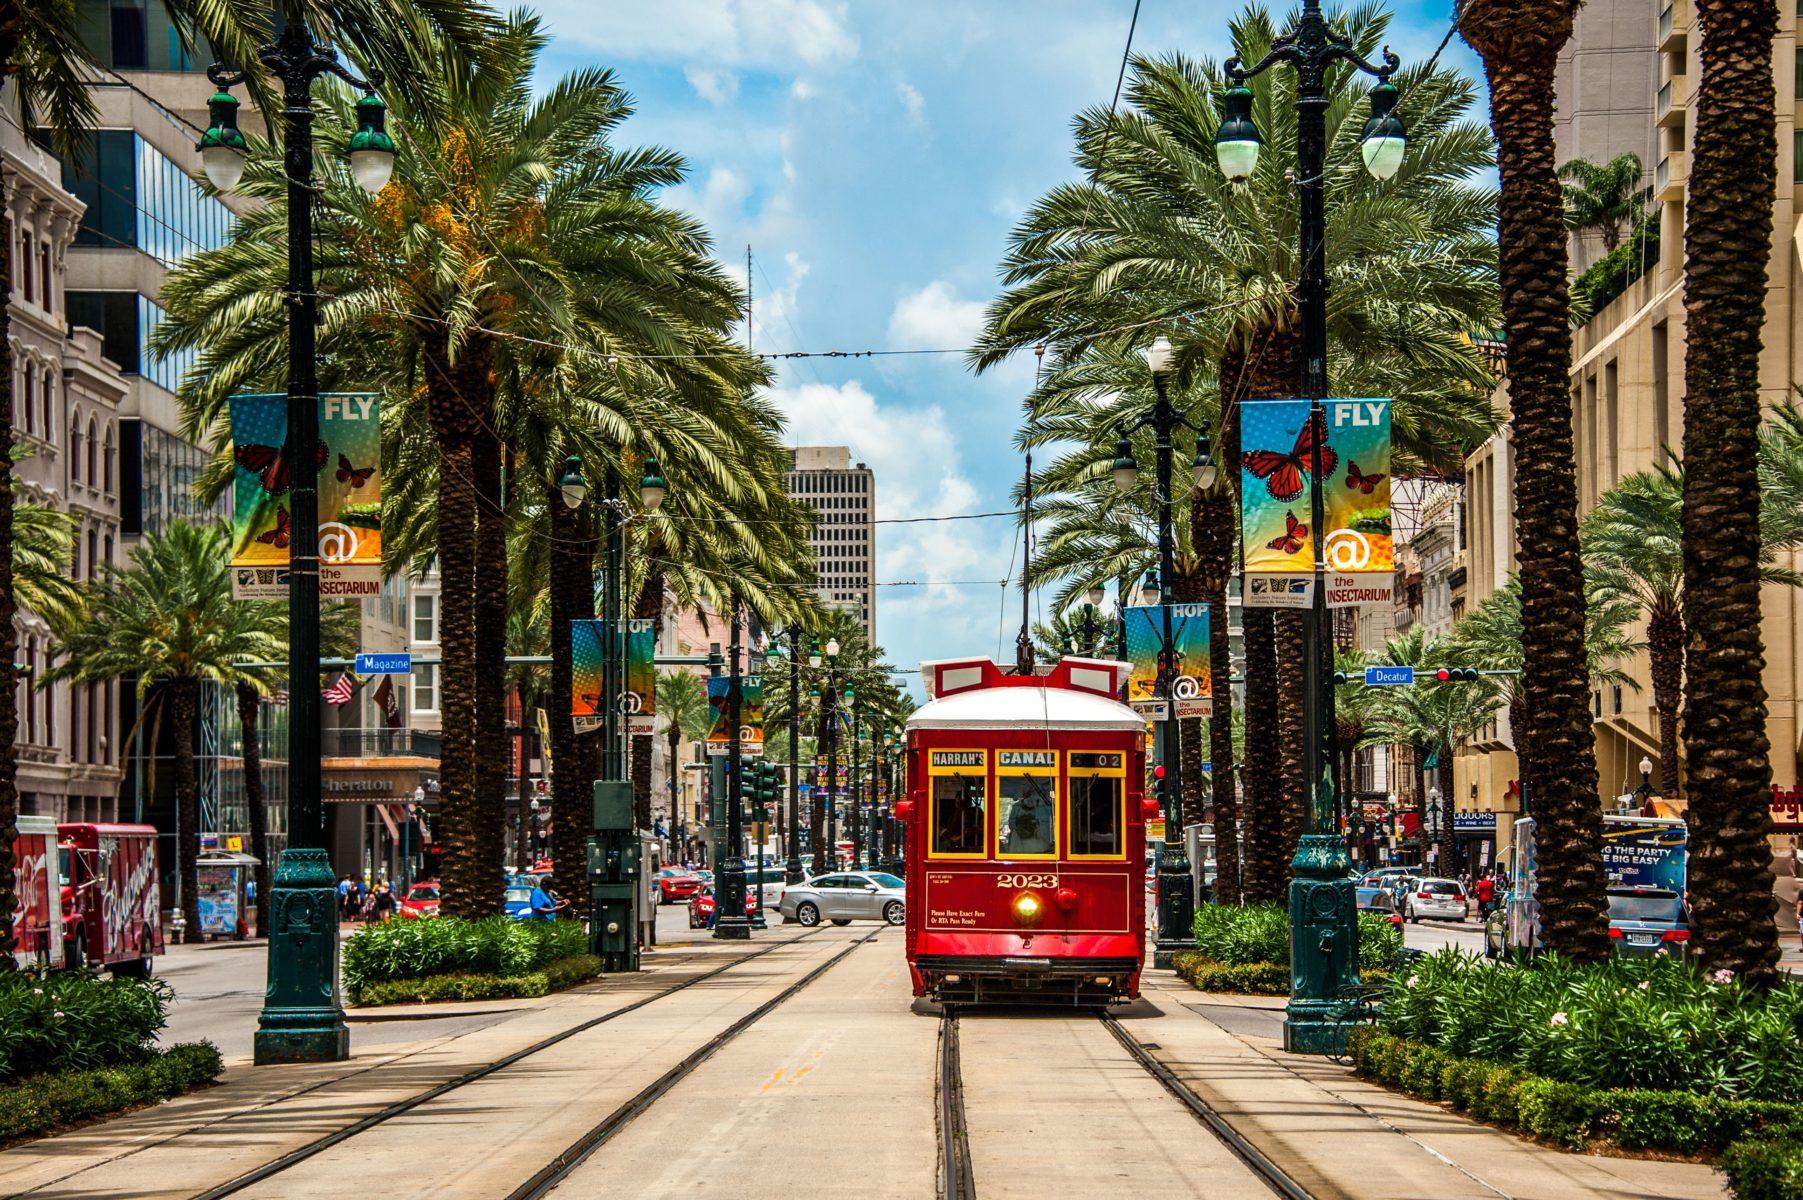 le strade di New Orleans, effervescente città del Louisiana